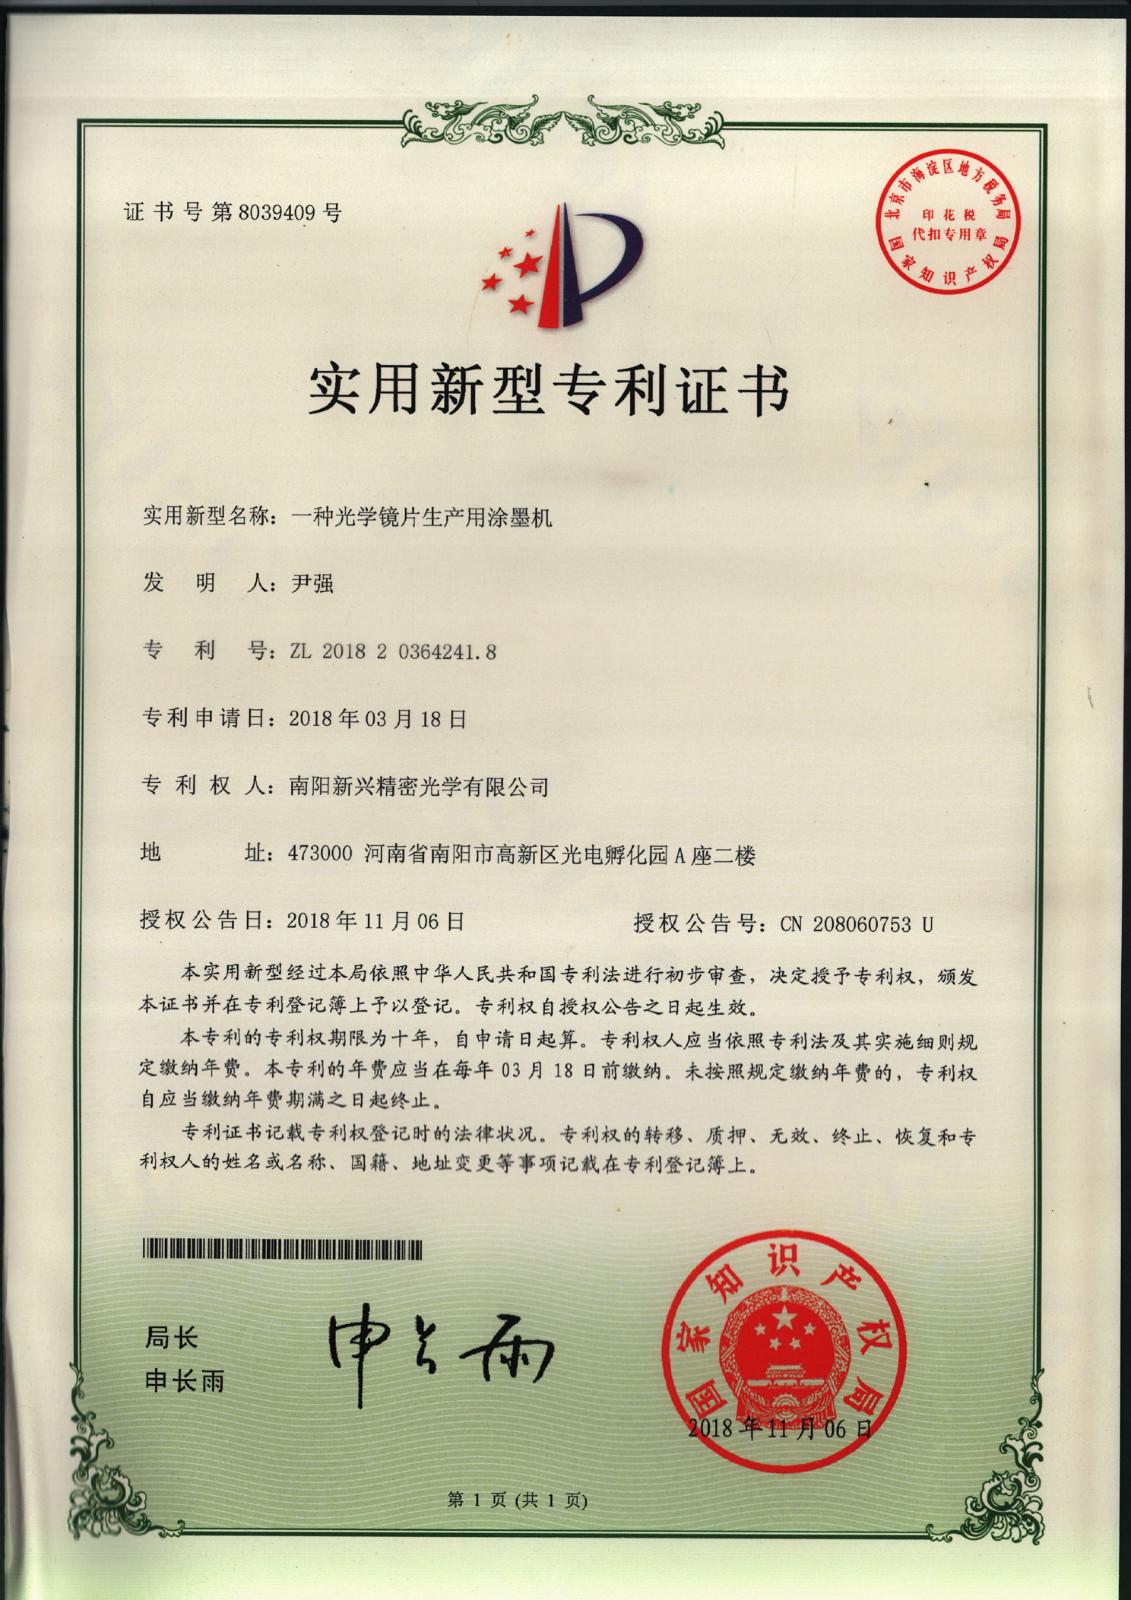 實用新型專利2018(2)